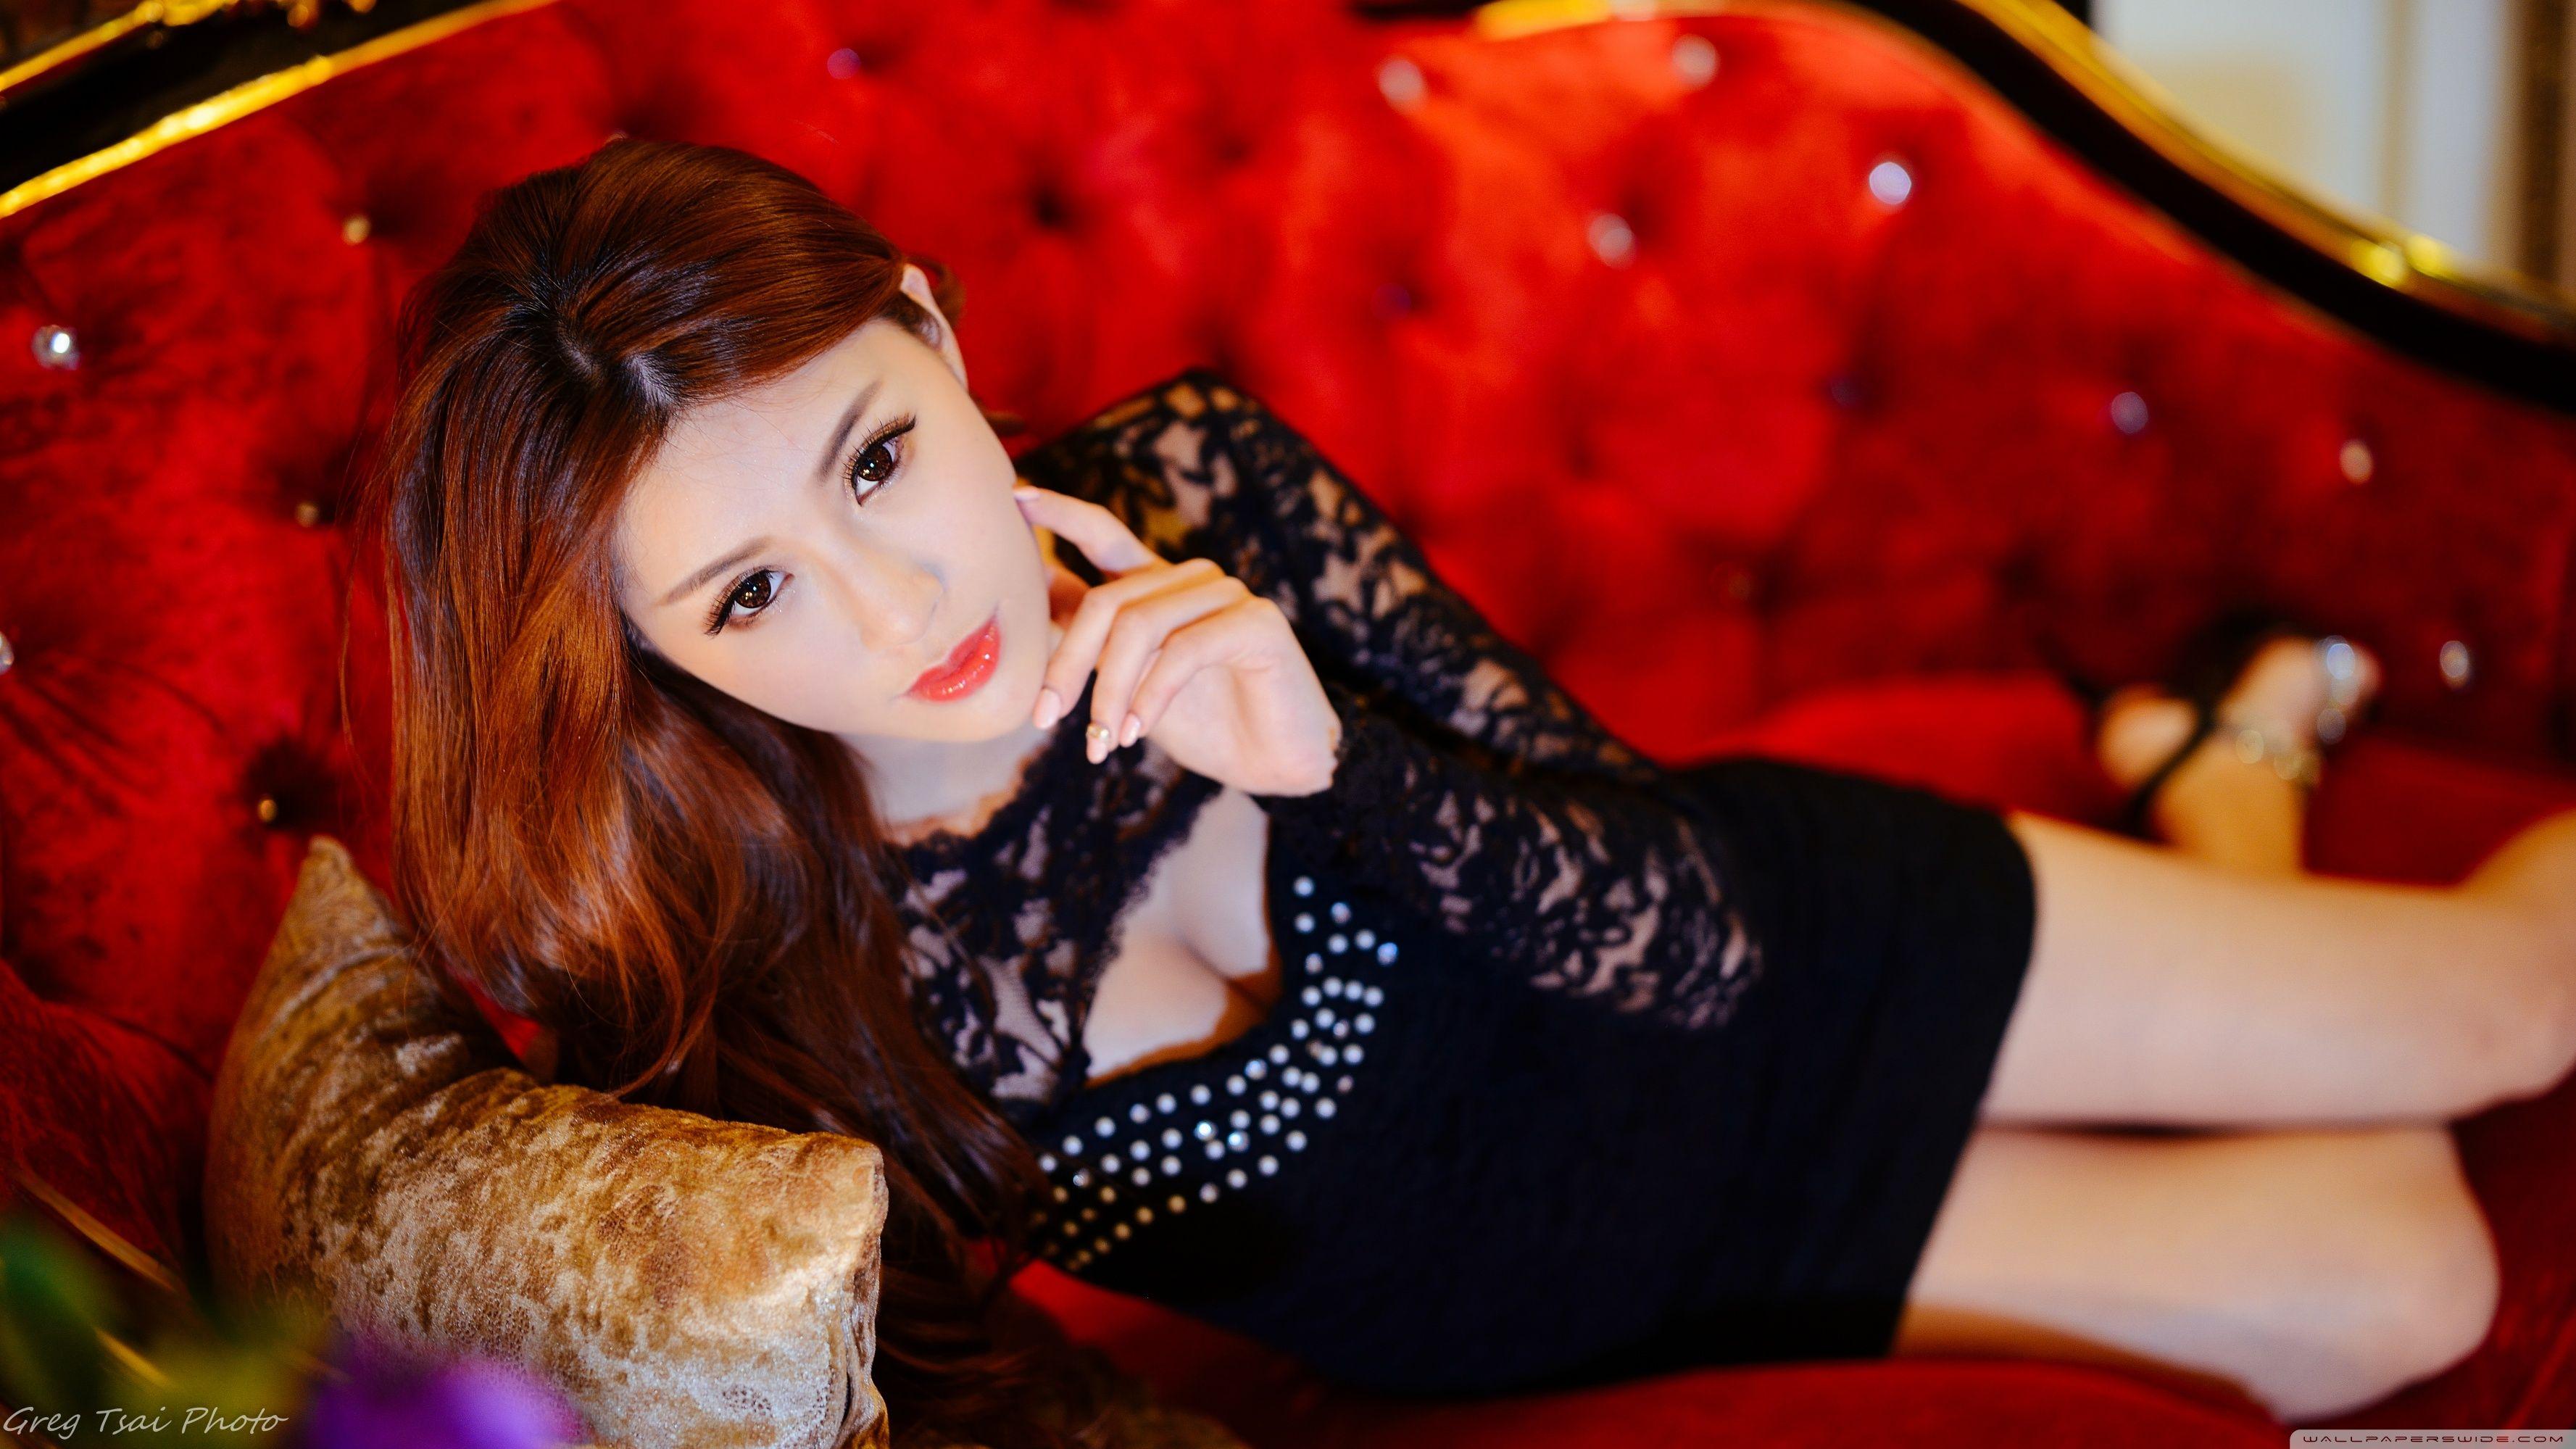 Beautiful Asian Girl, Red Luxury Sofa ❤ 4k Hd Desktop - Asian Girls 4k Hd - HD Wallpaper